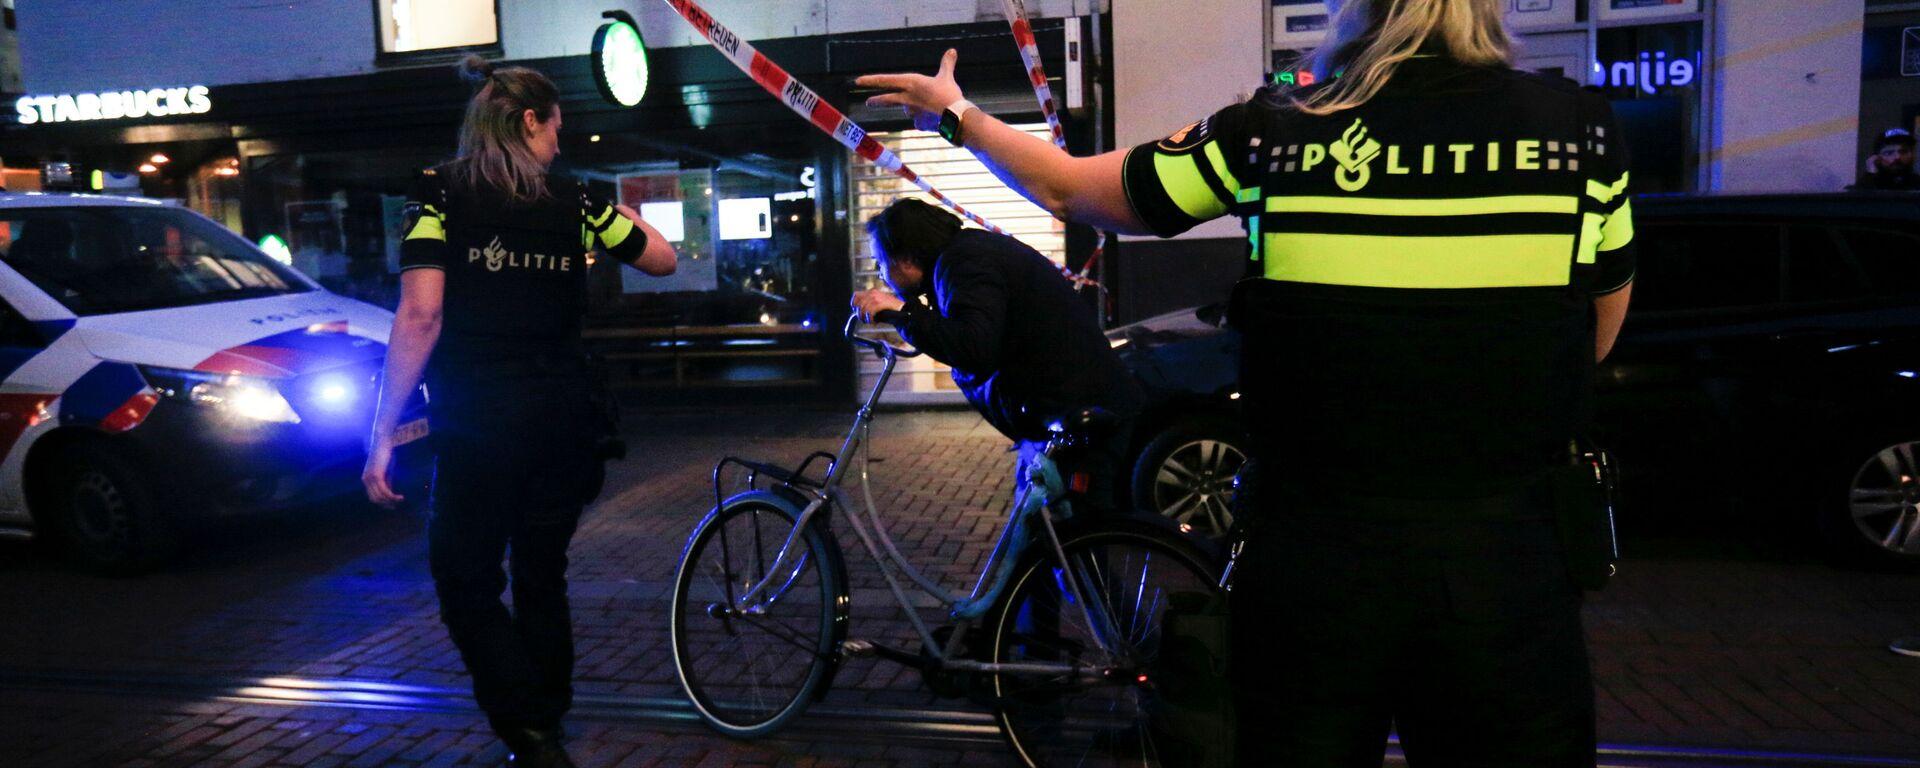 Policja na miejscu postrzelenia dziennikarza w Amsterdamie - Sputnik Polska, 1920, 07.07.2021